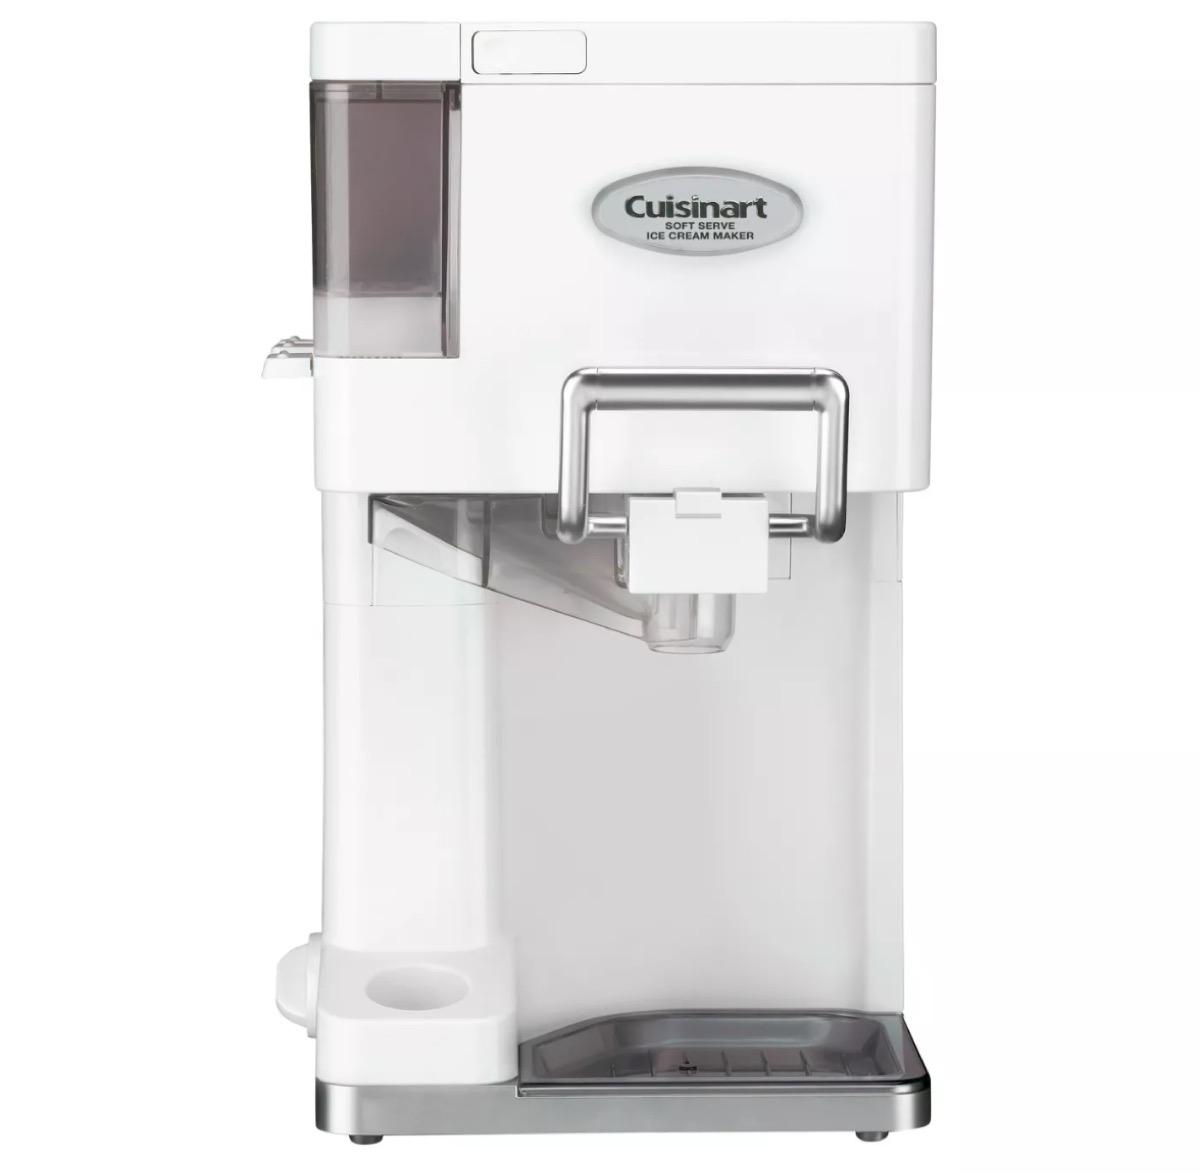 white cuisinart ice cream maker